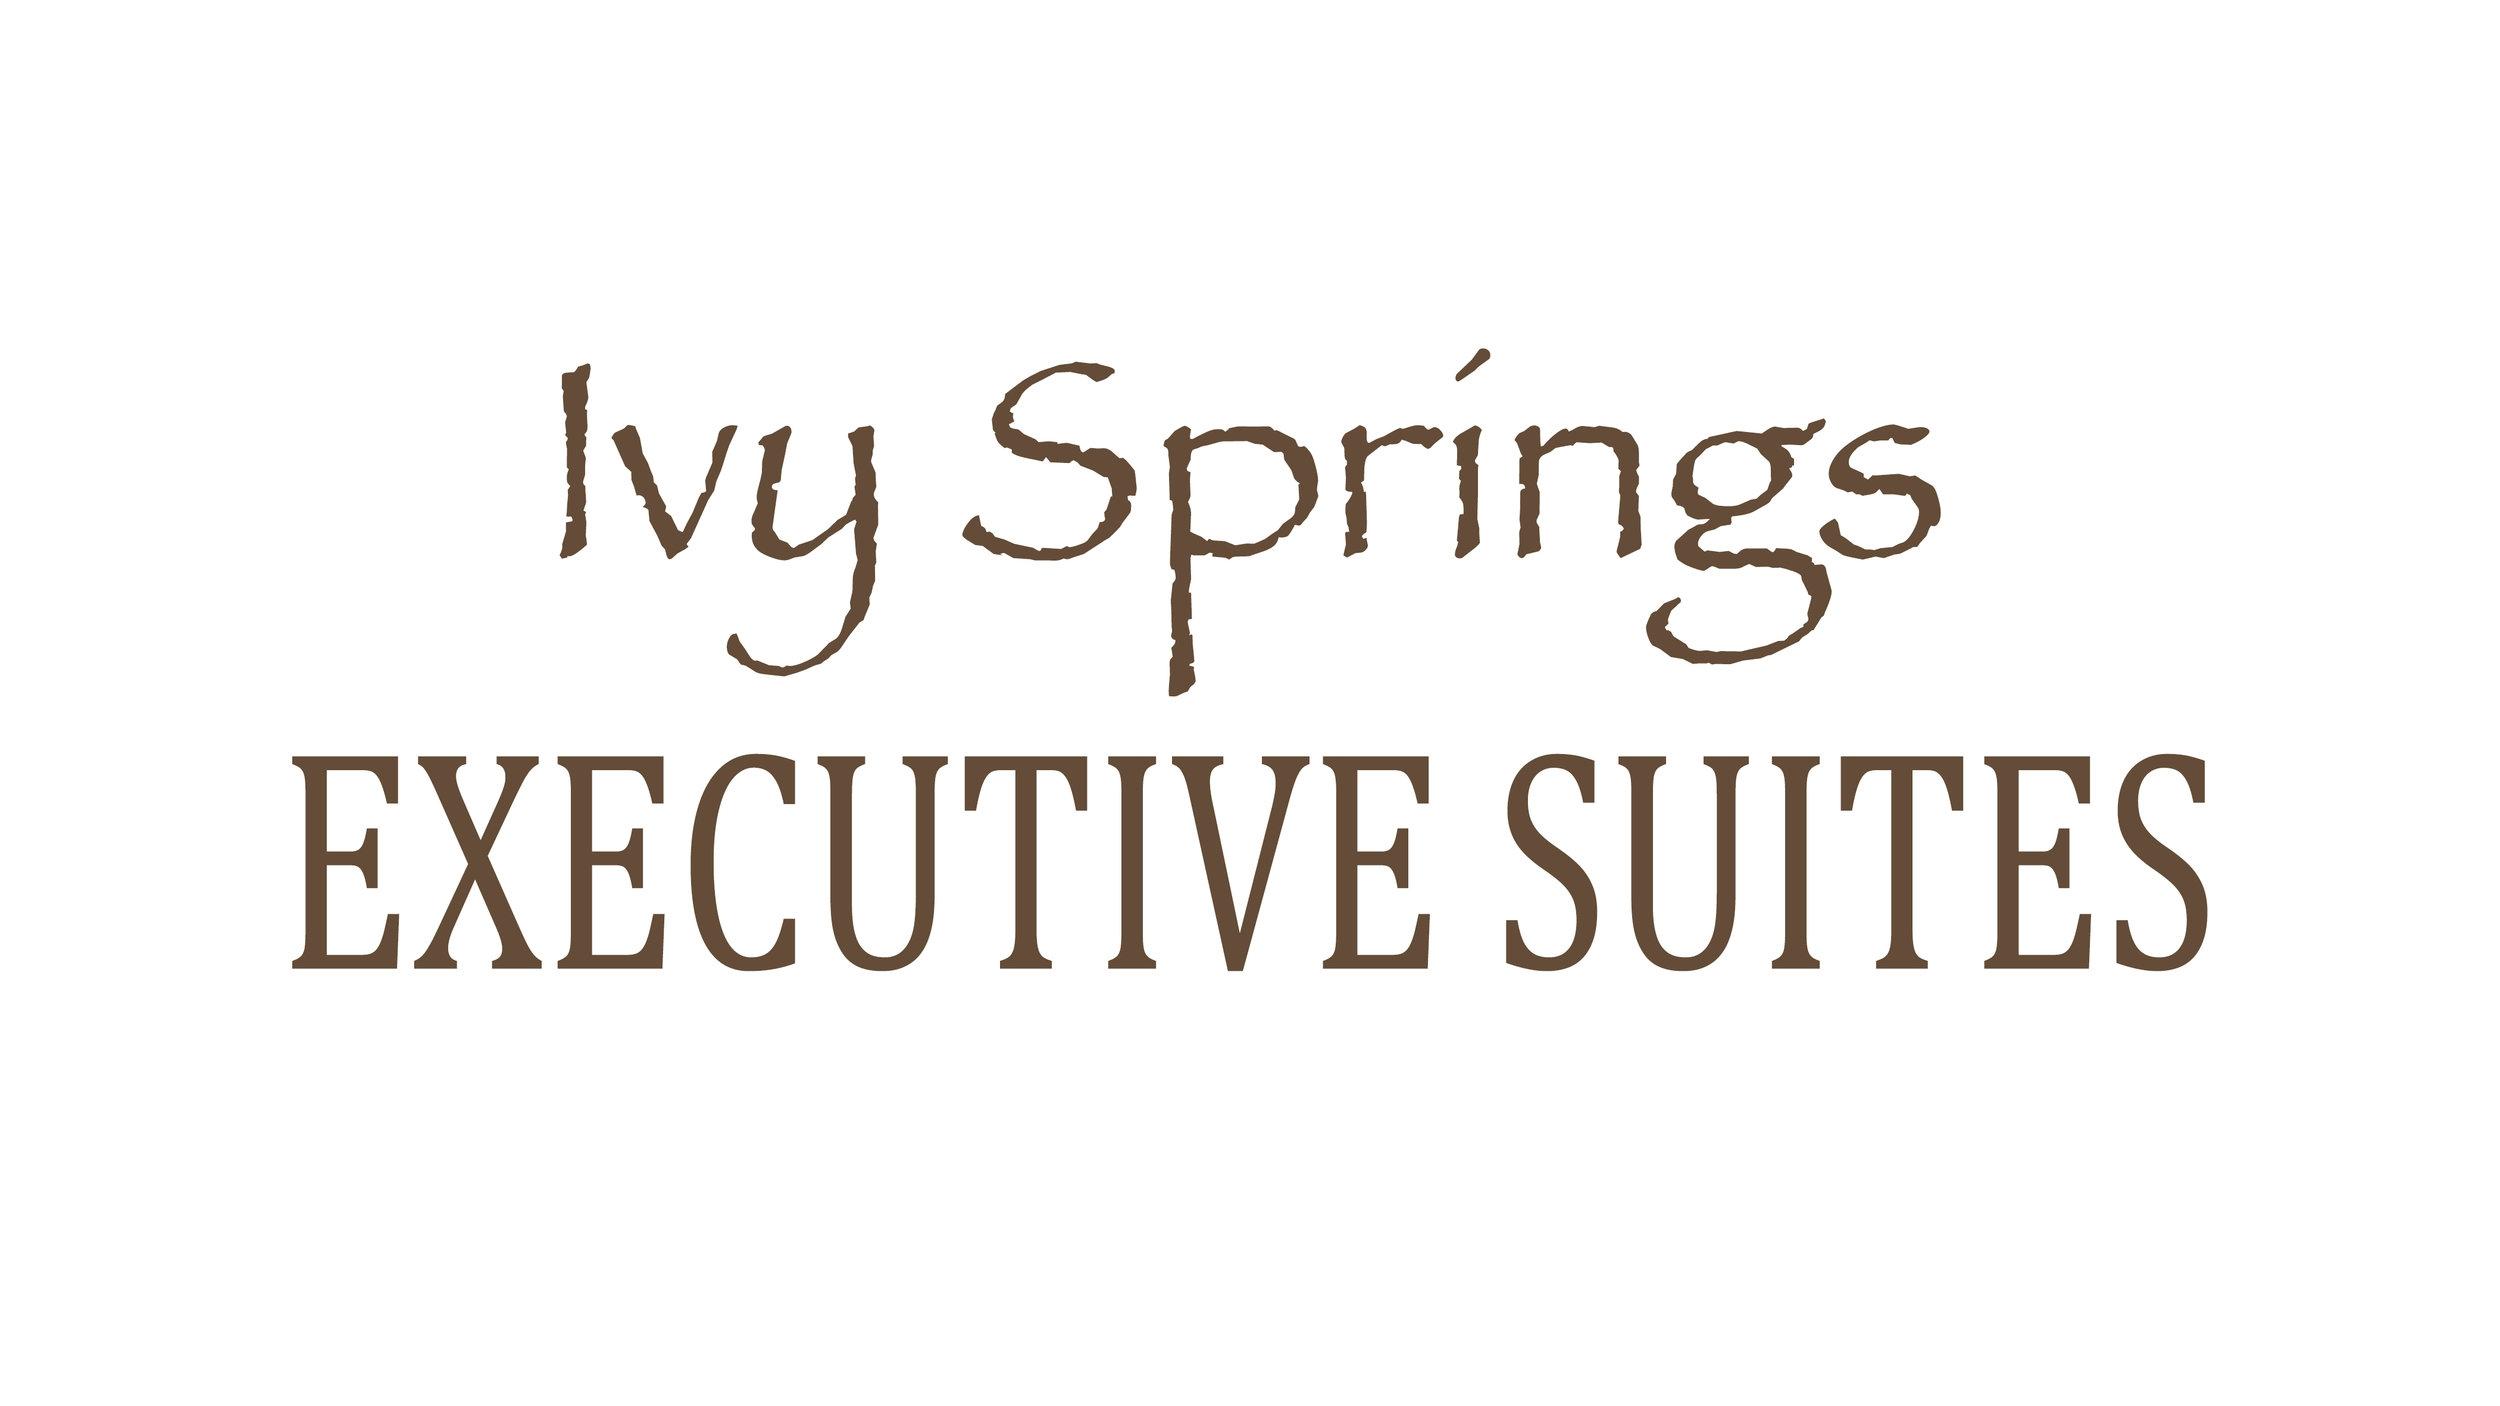 ivy springs logo.jpg